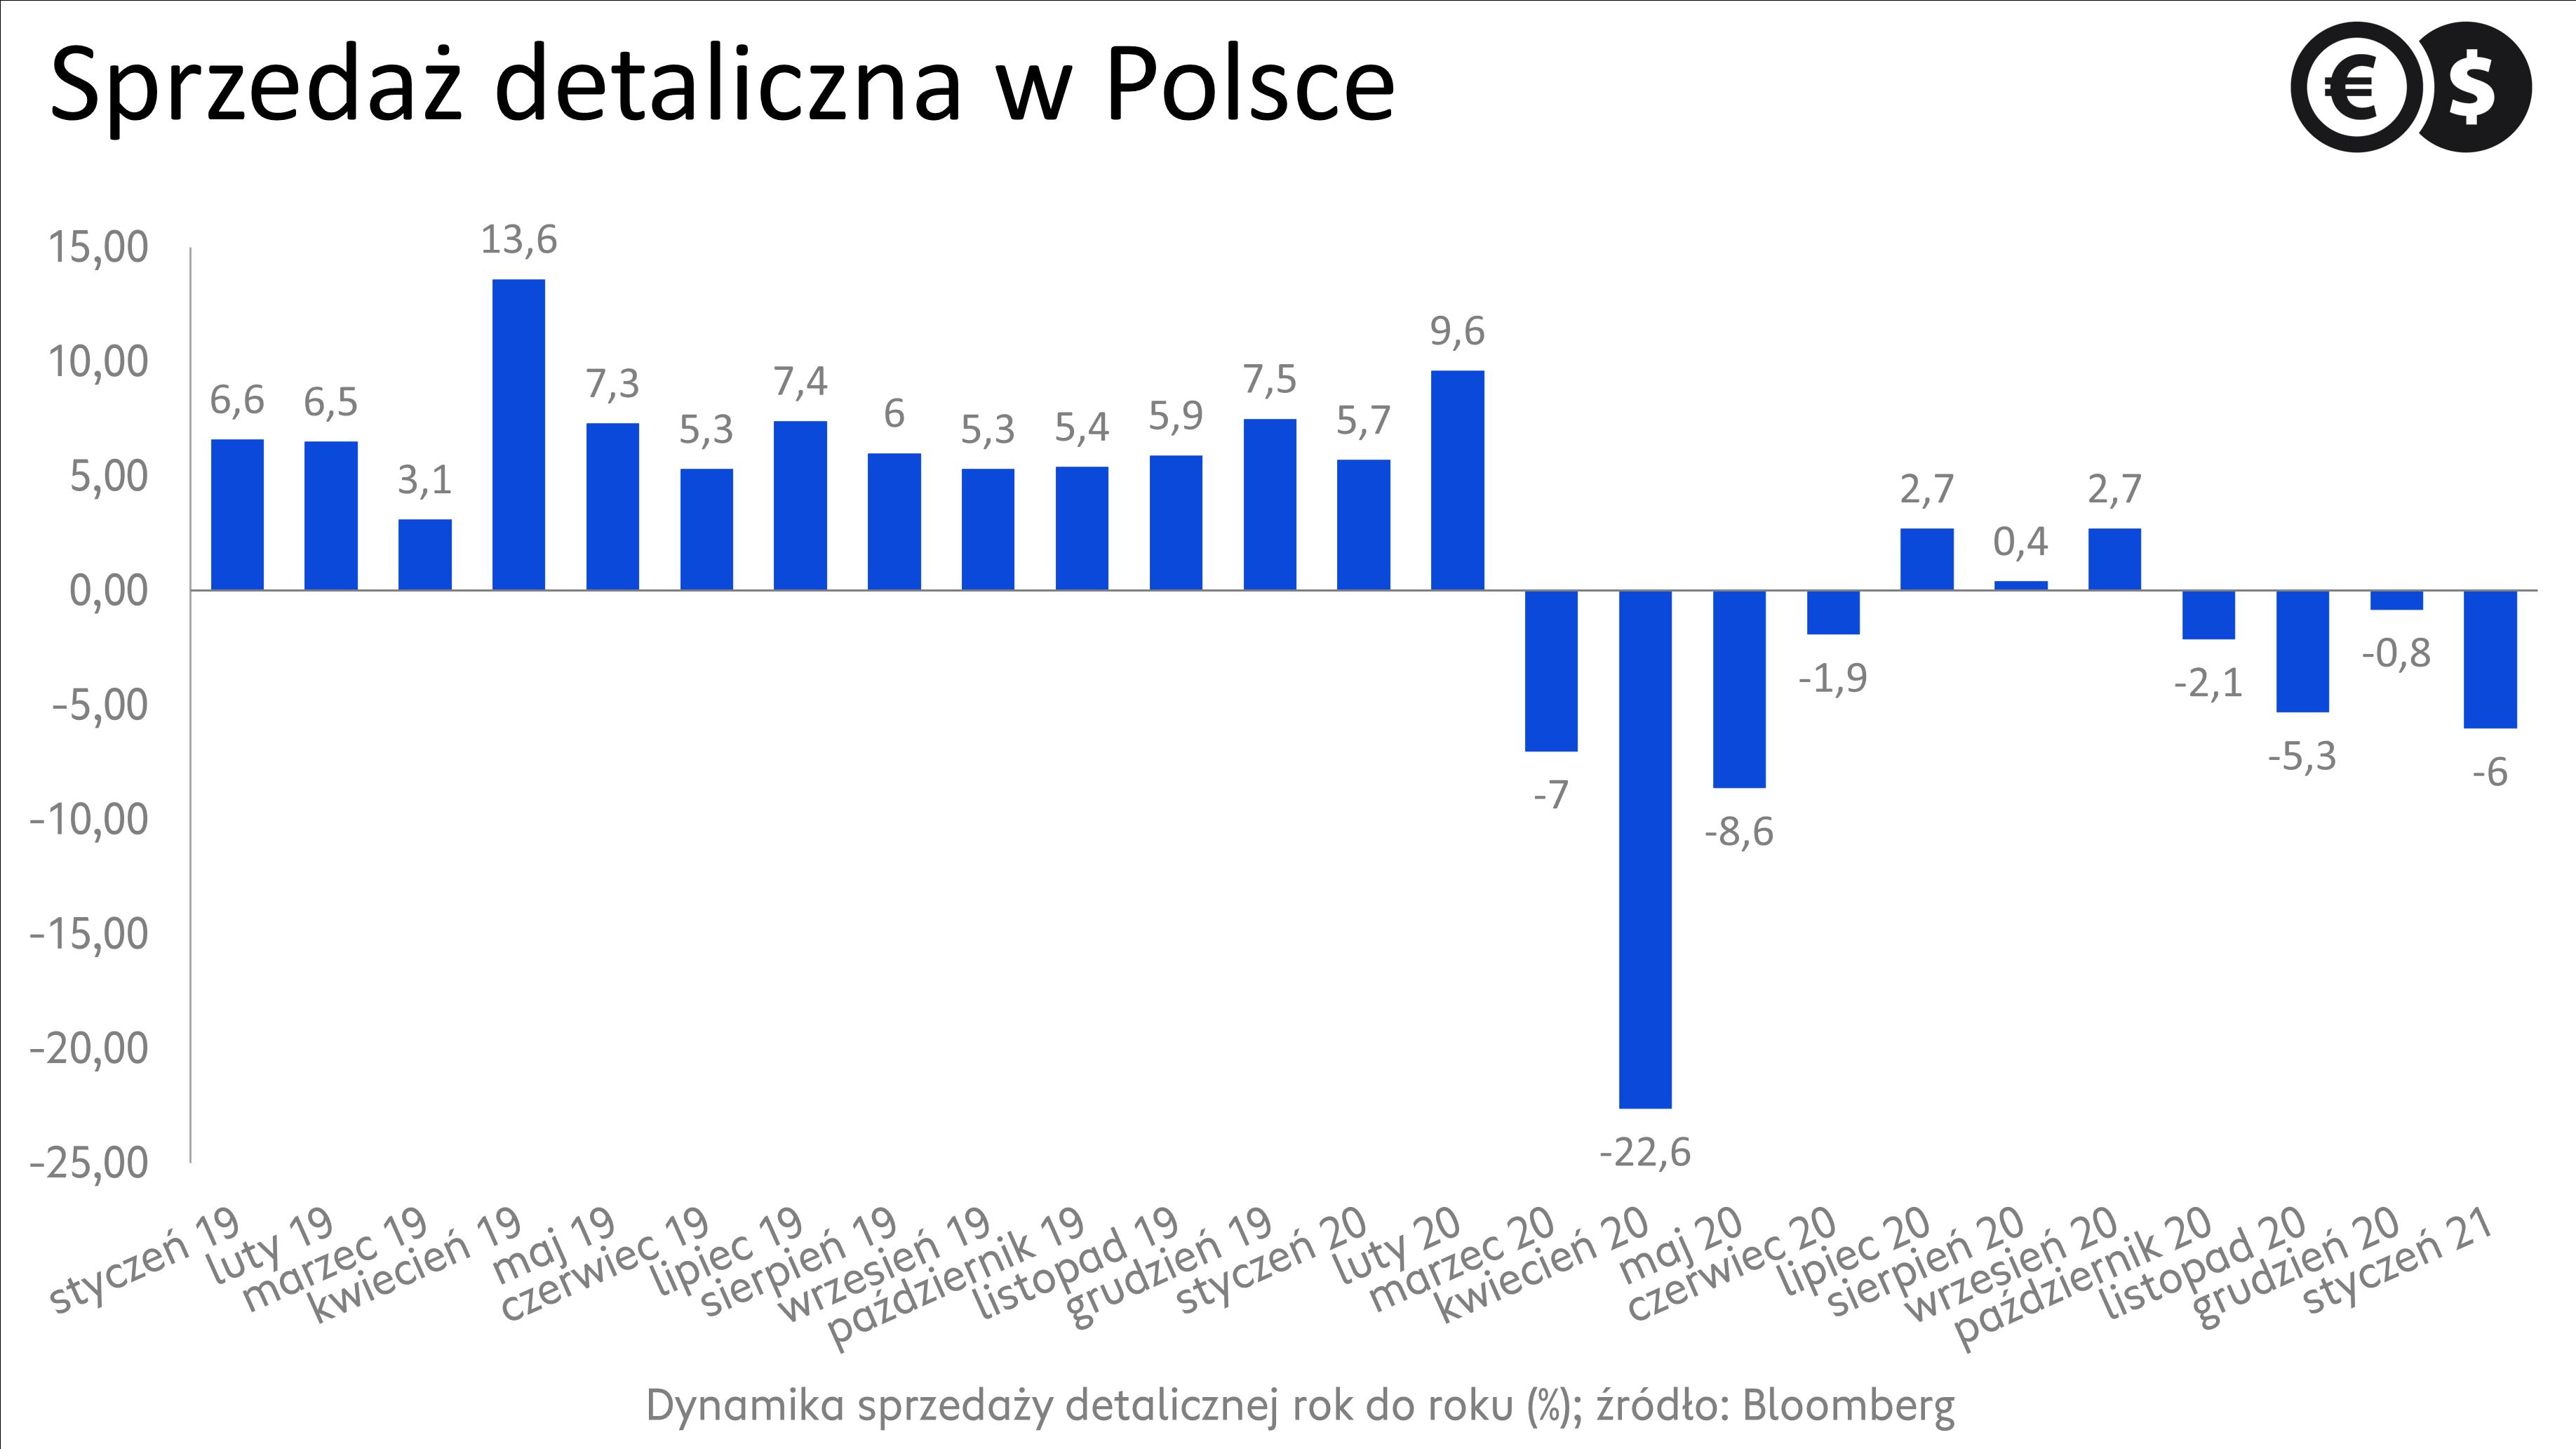 Sprzedaż detaliczna w Polsce